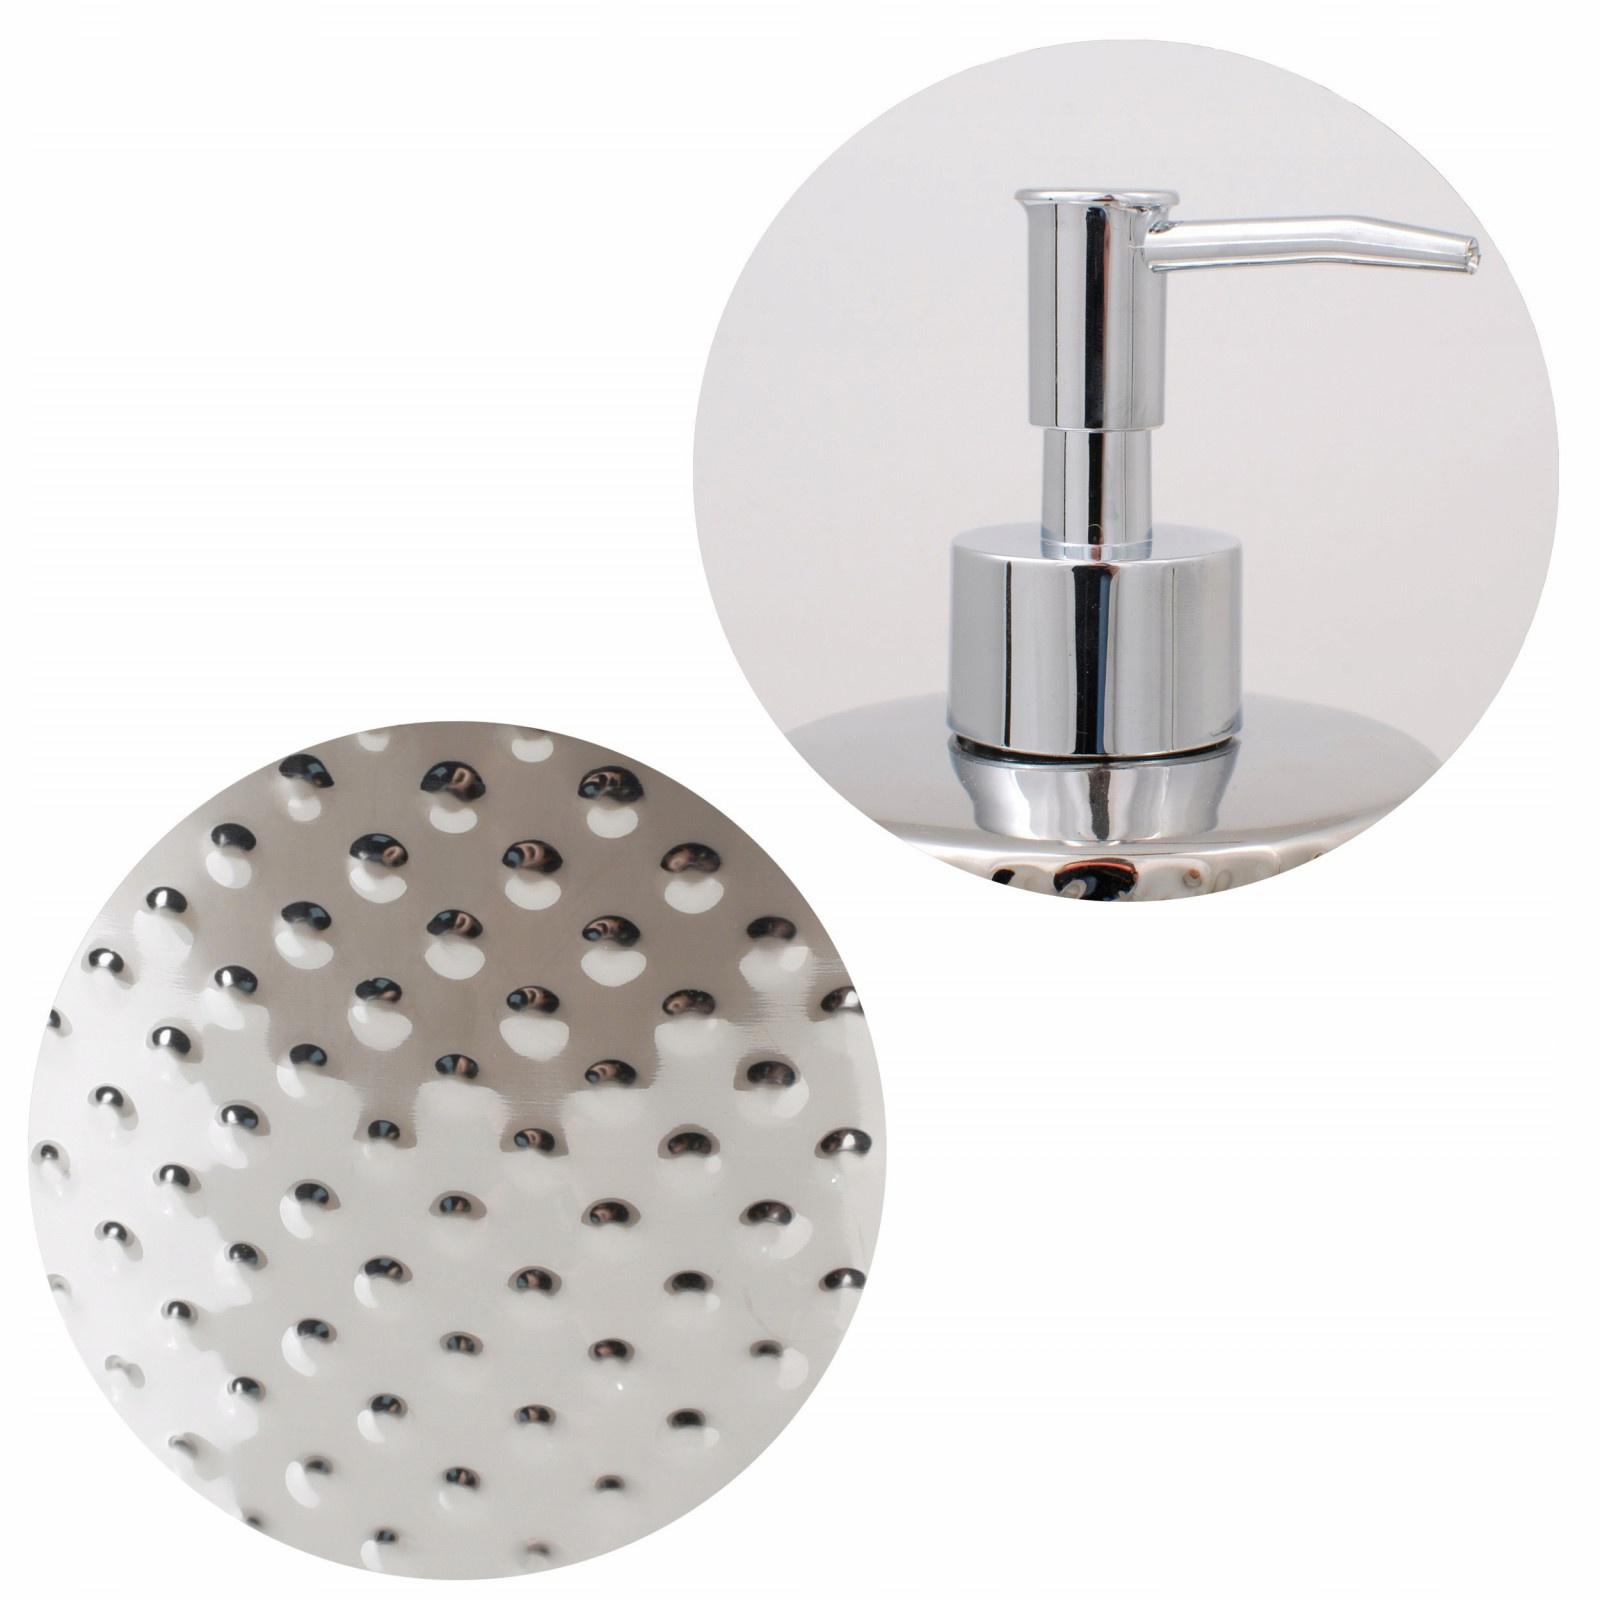 dávkovač mydla do kúpeľne 18cm 420ml megamix.sk